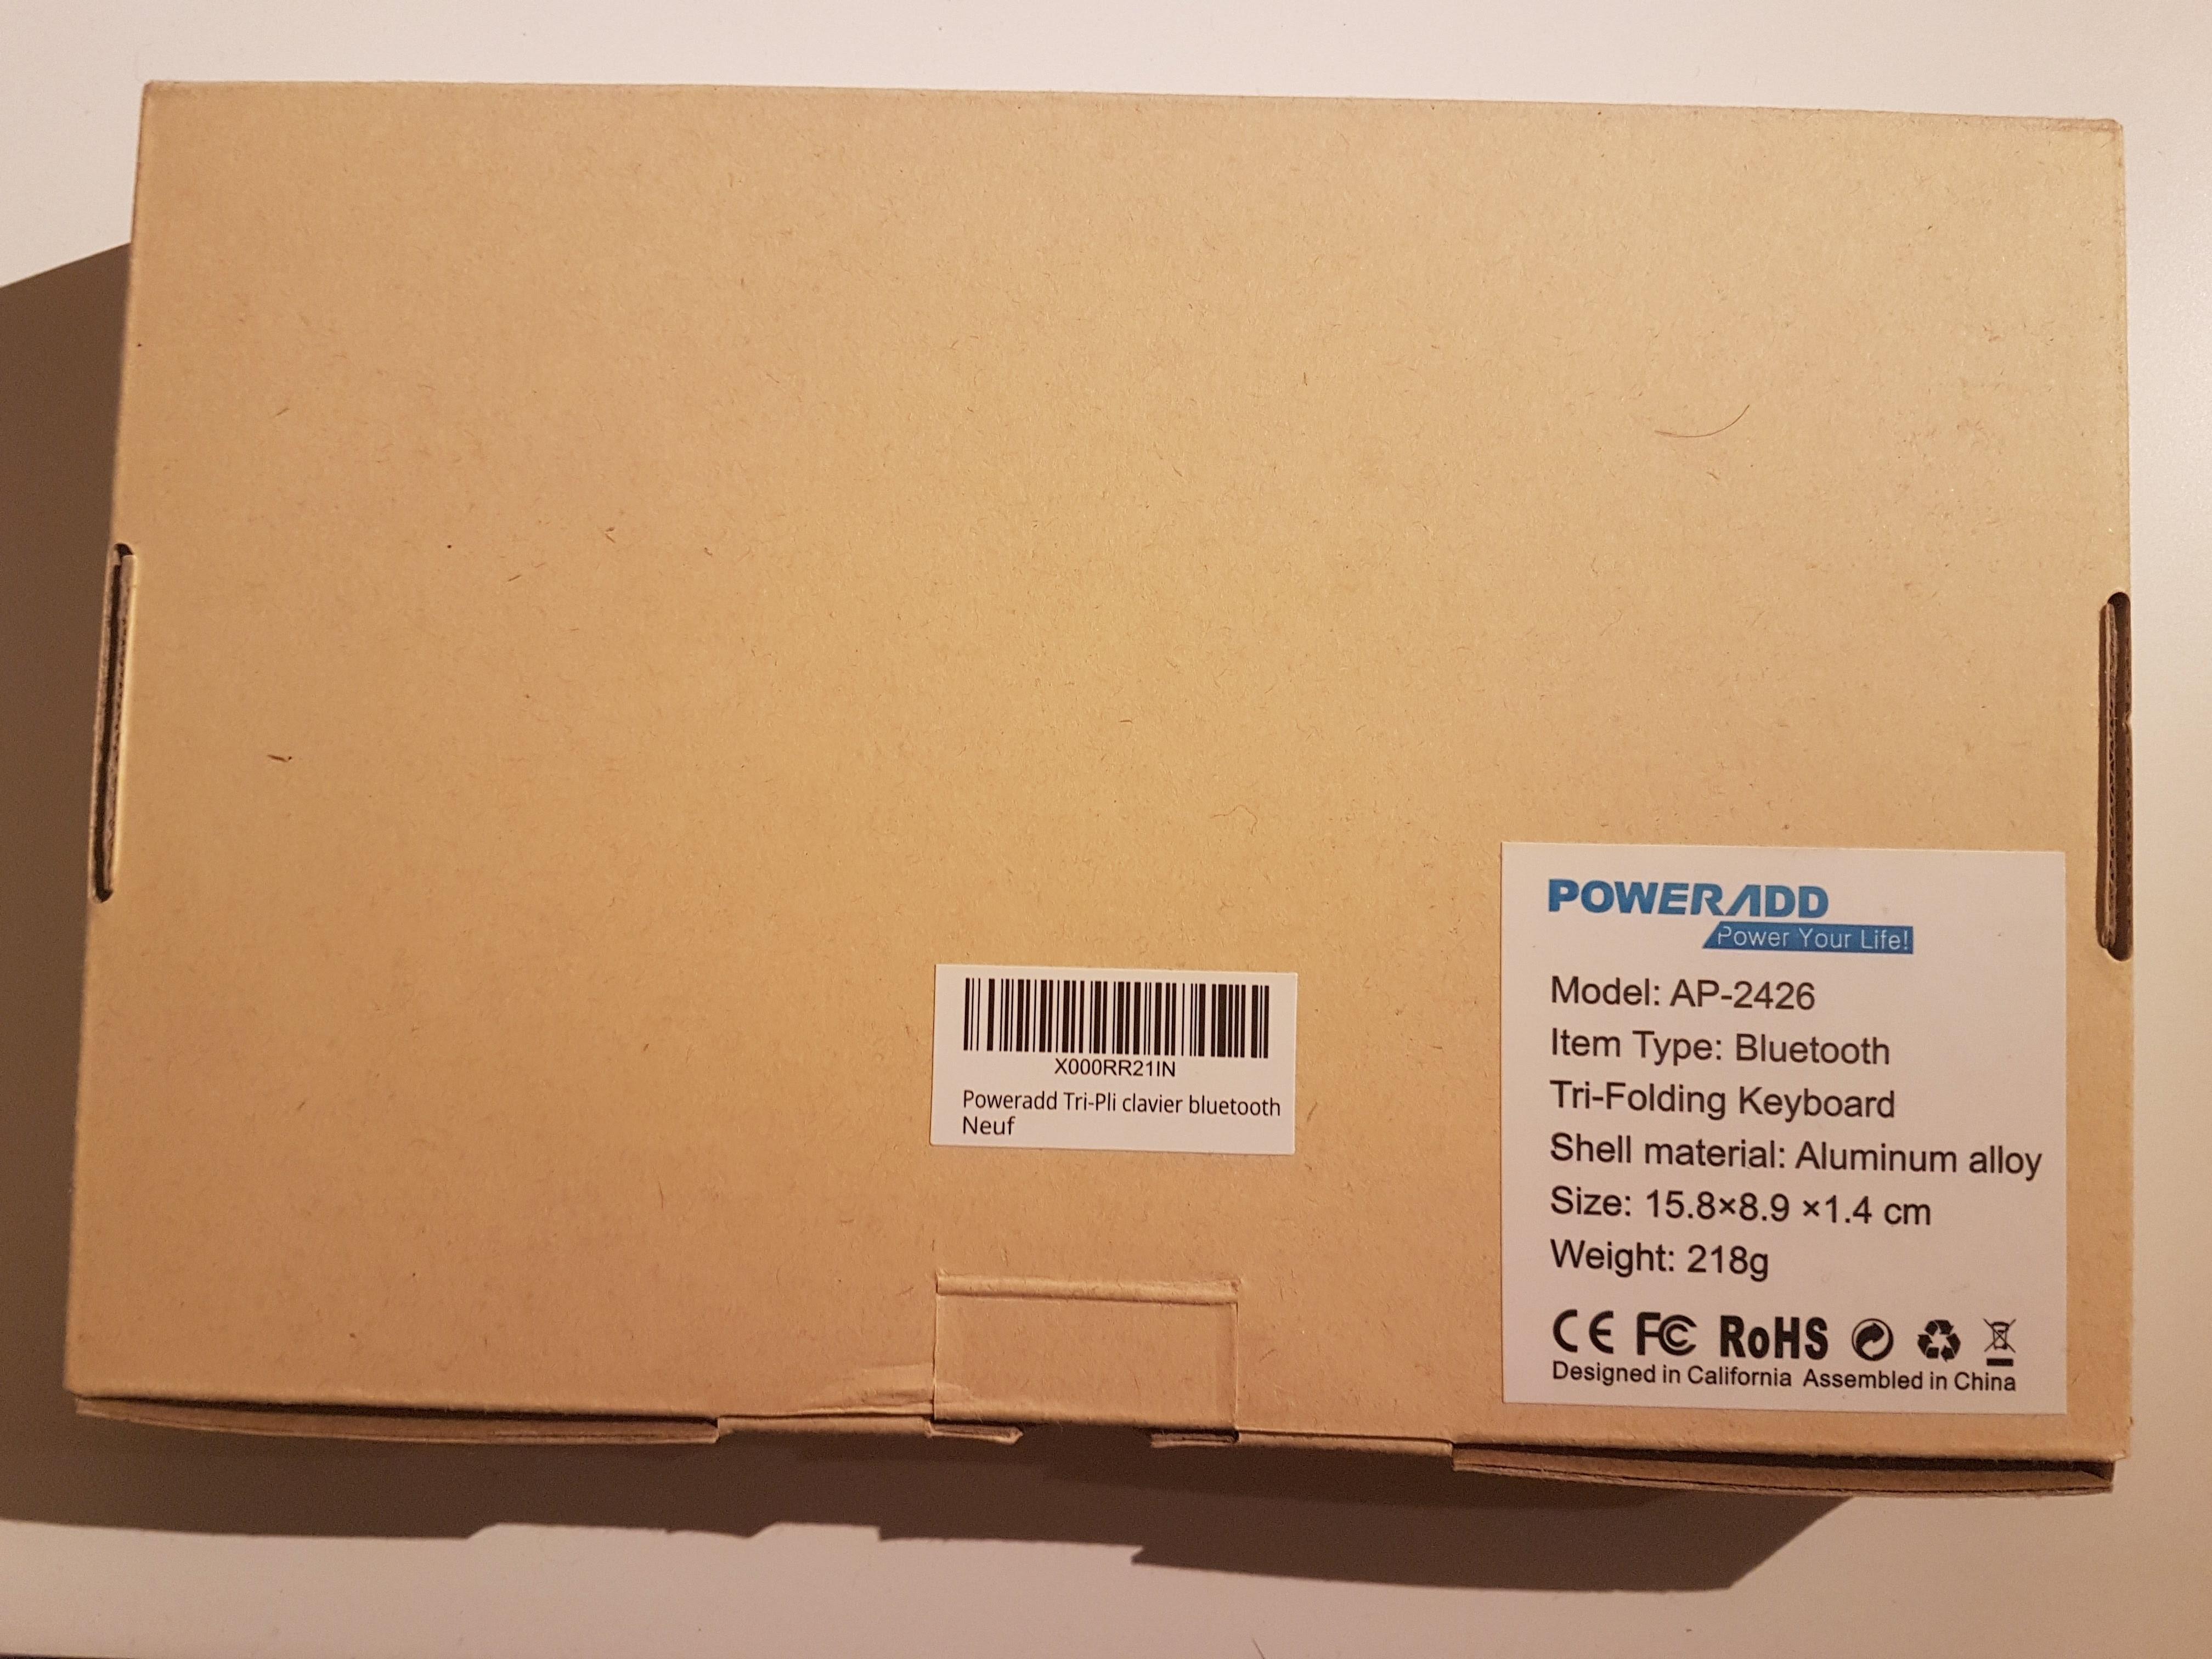 POWERADD-Clavier-Bluetooth-AZERTY - POWERADD-Clavier-Bluetooth-AZERTY-2.jpg